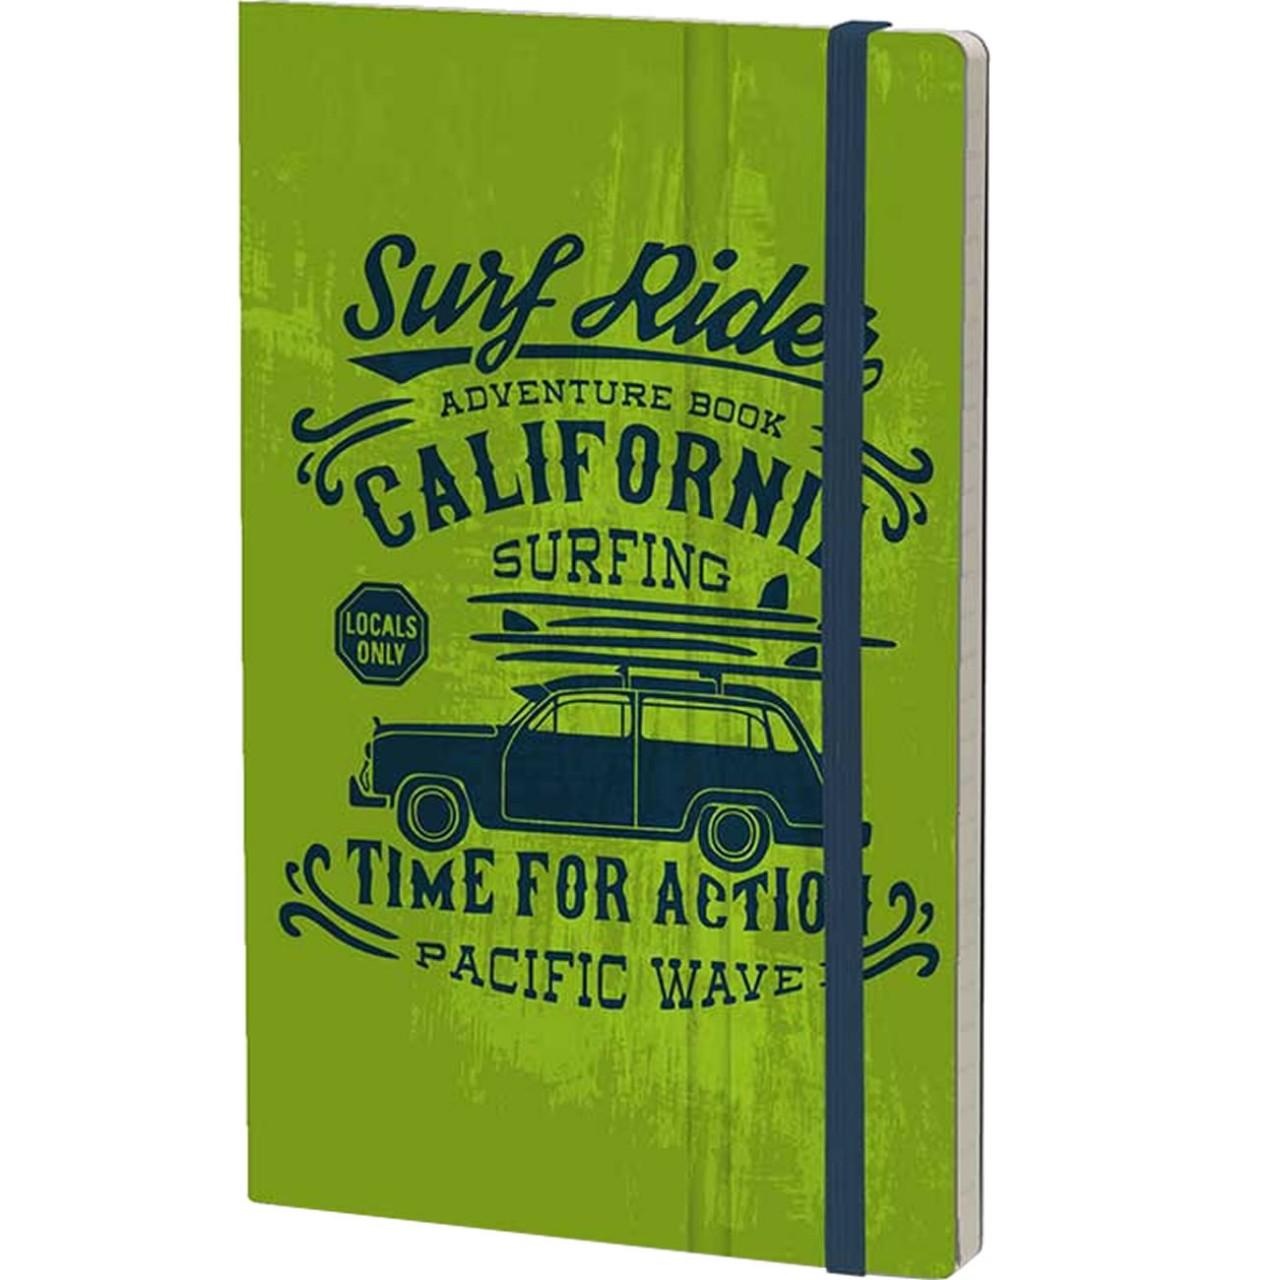 Stifflexible Notizbuch VINTAGE SURFING (Adventure) 13 x 21 cm 192 S., GREEN